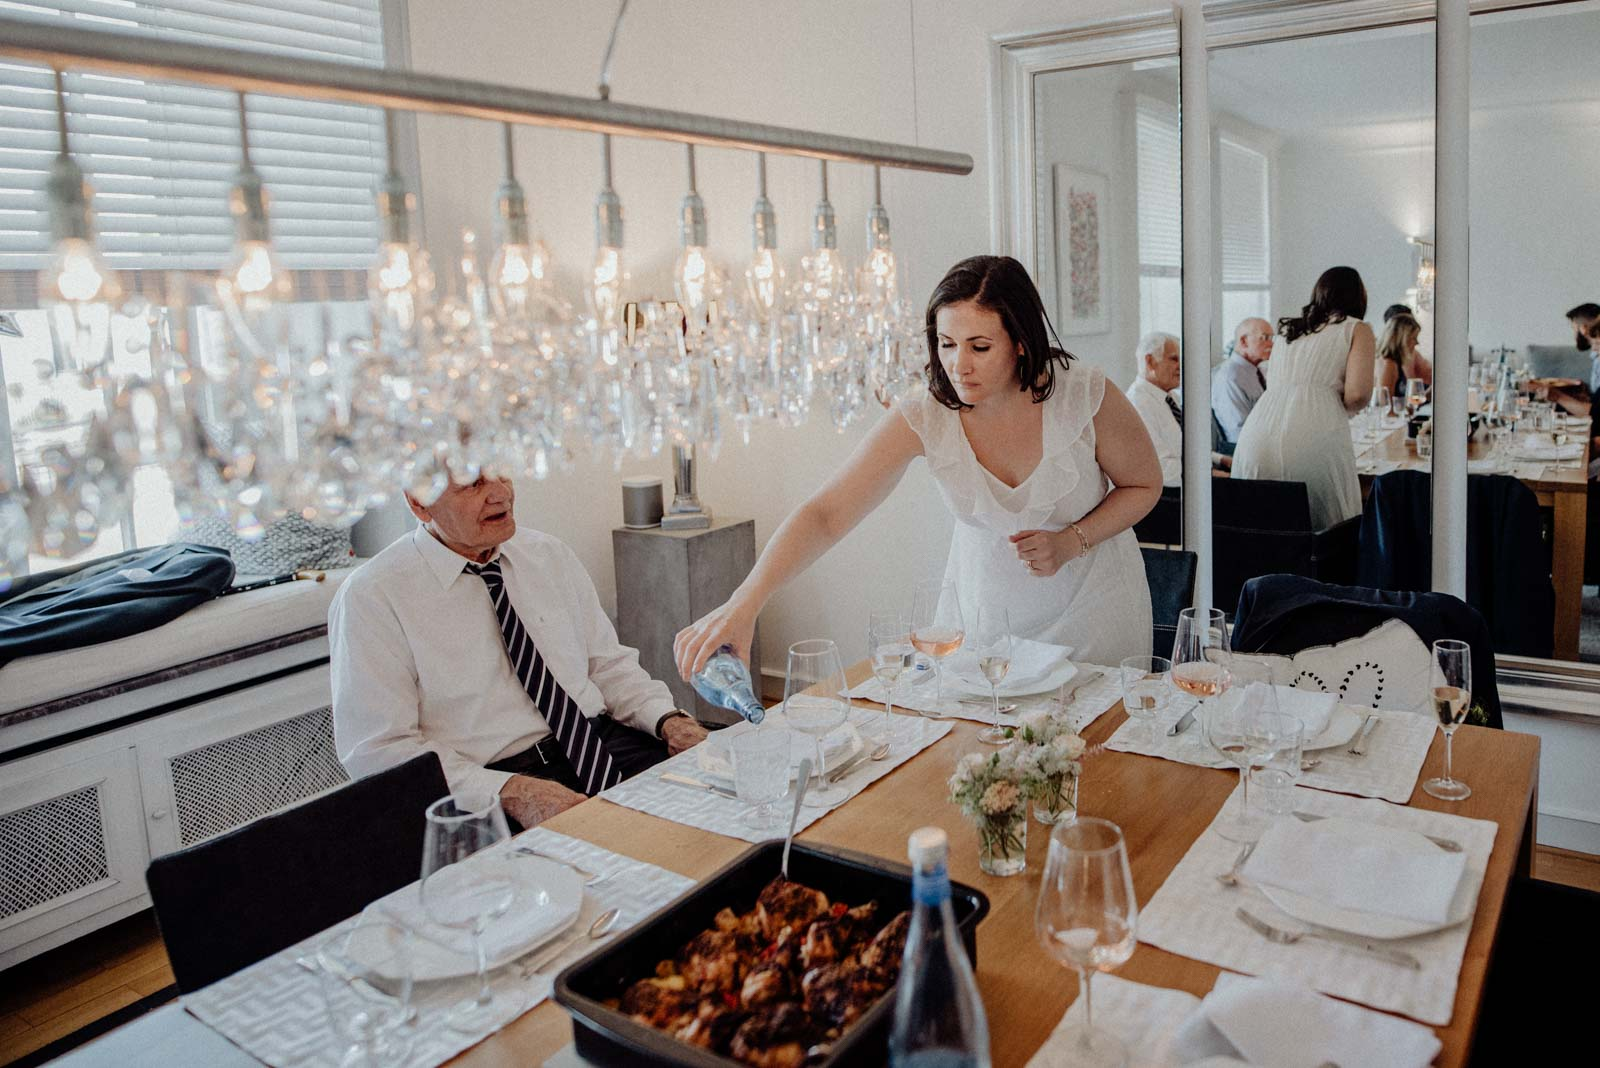 Hochzeitsdinner zu hause